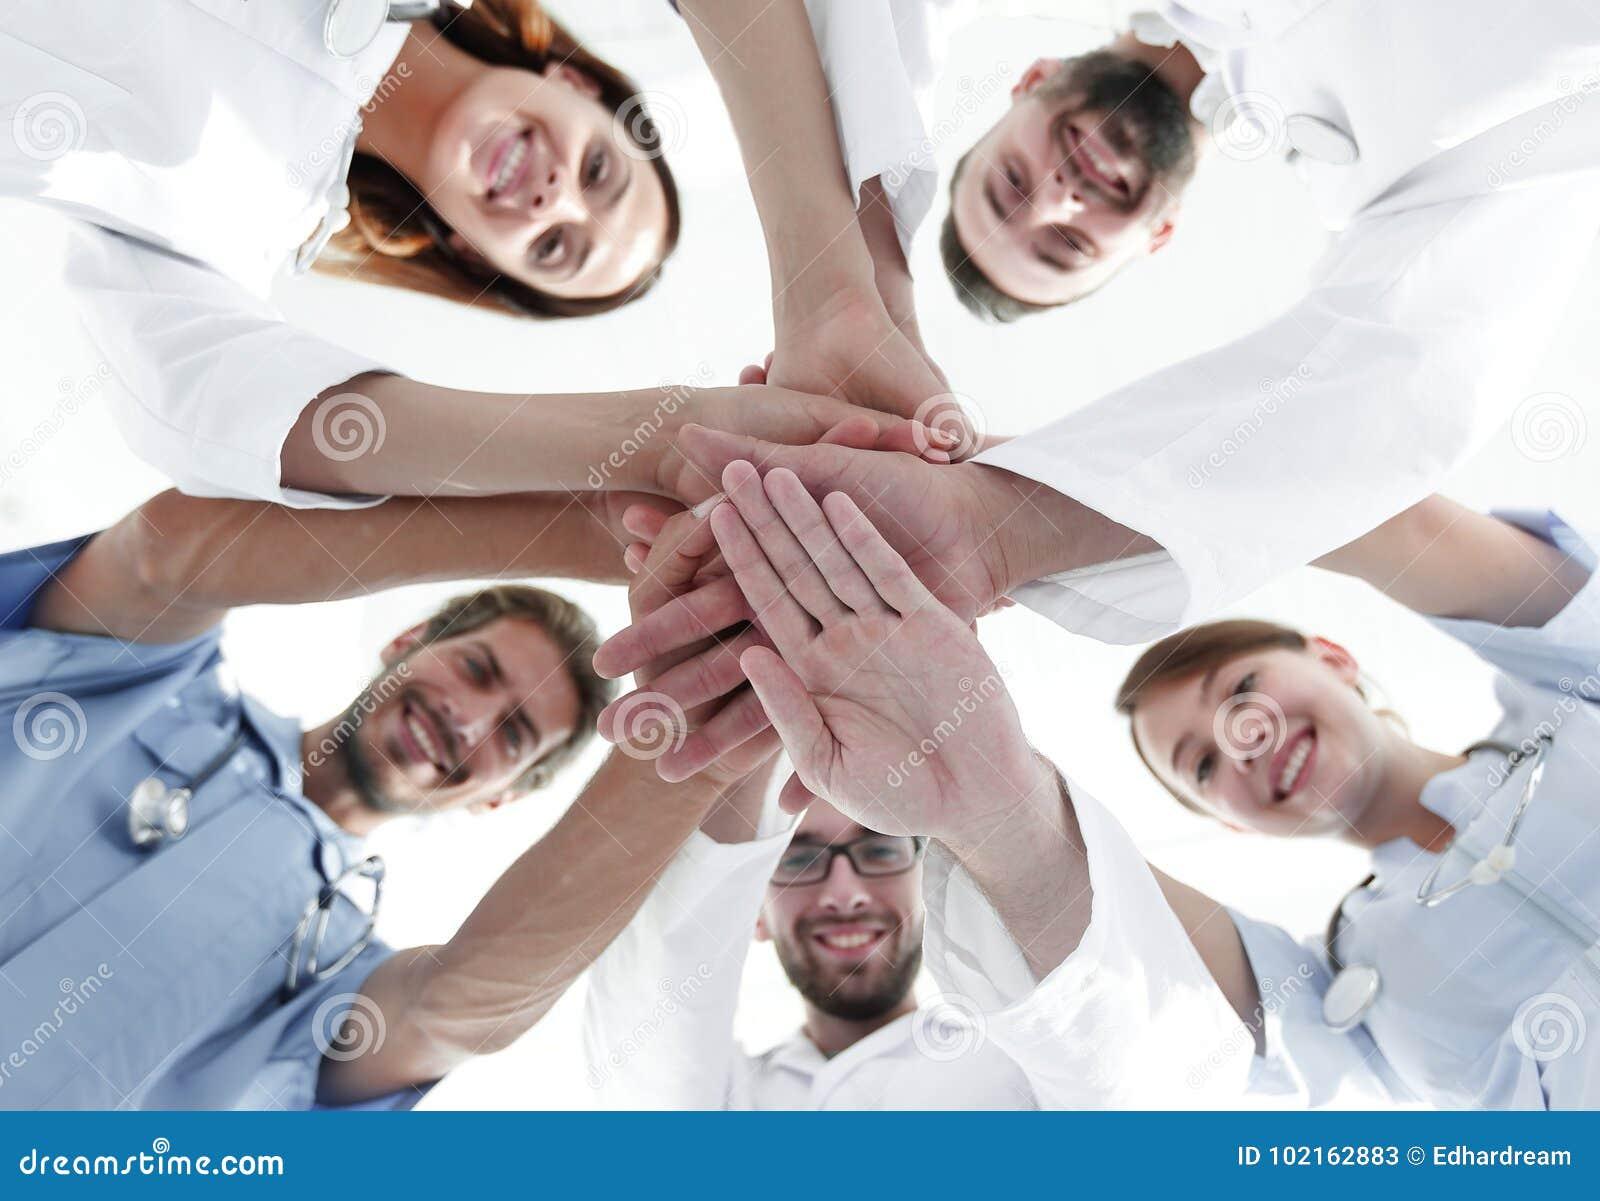 Visión inferior un equipo de doctores en el centro médico abrochó sus manos juntas